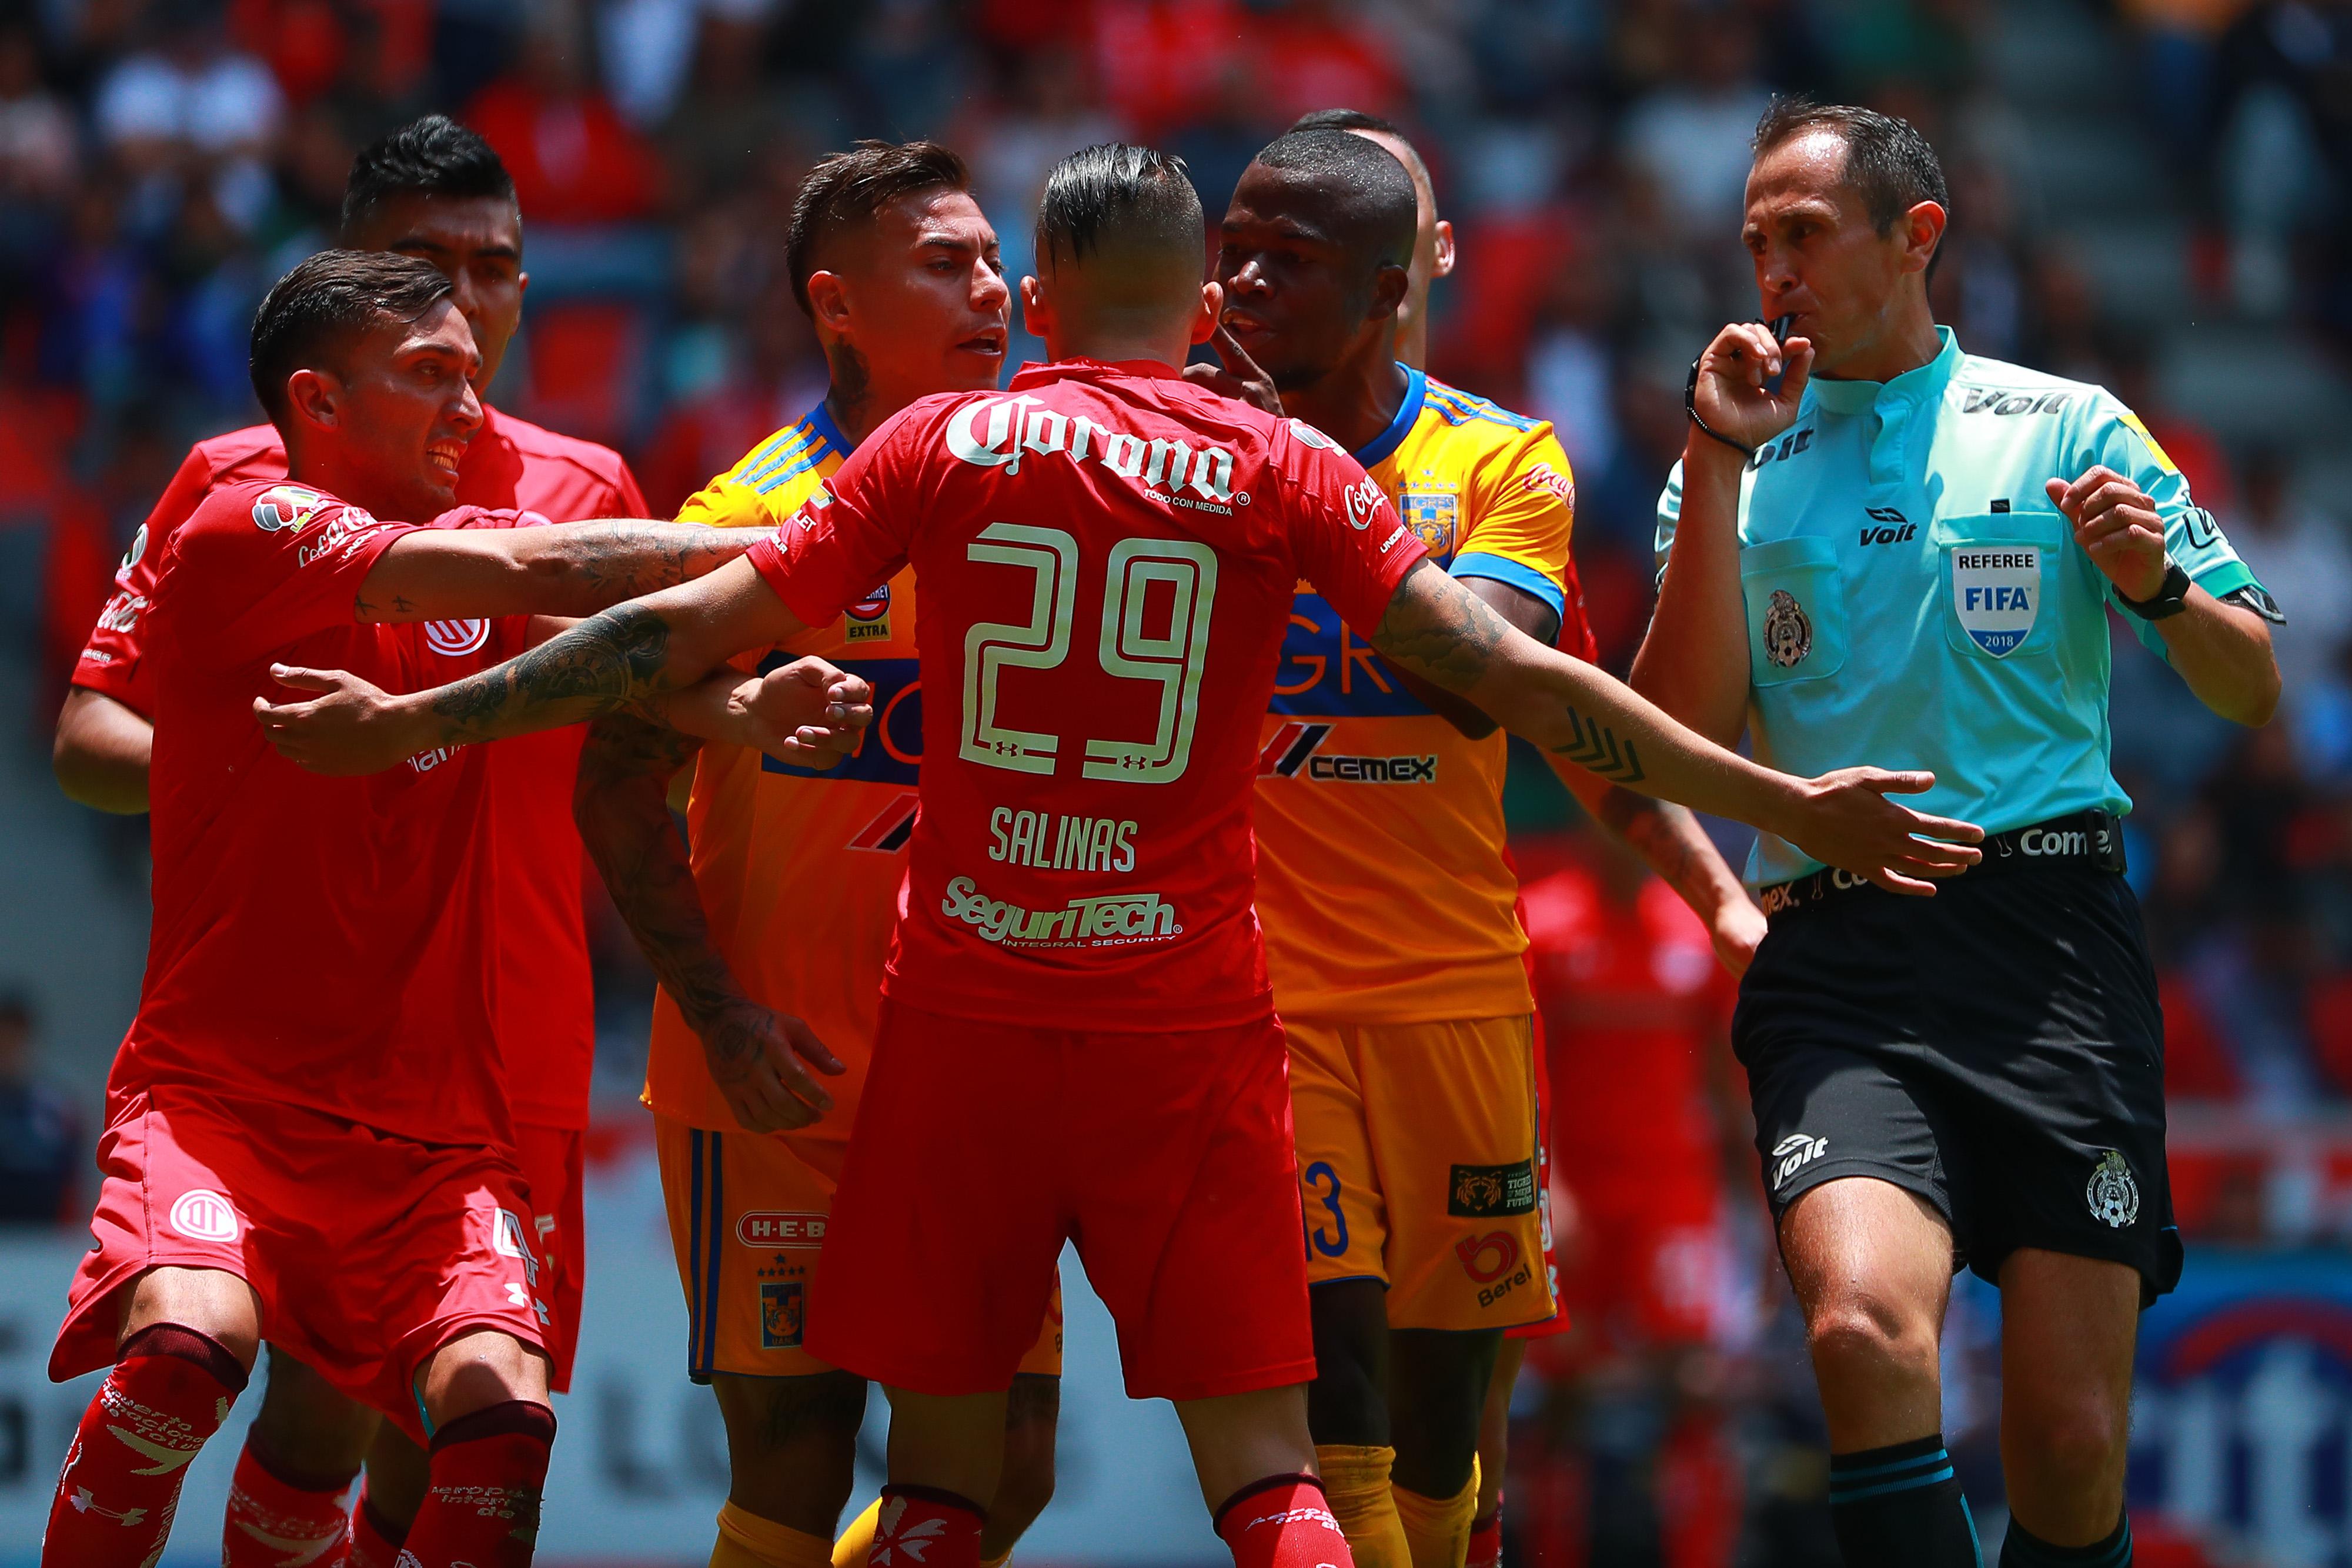 Goles de la Jornada 14 del Clausura 2018 de la Liga MX